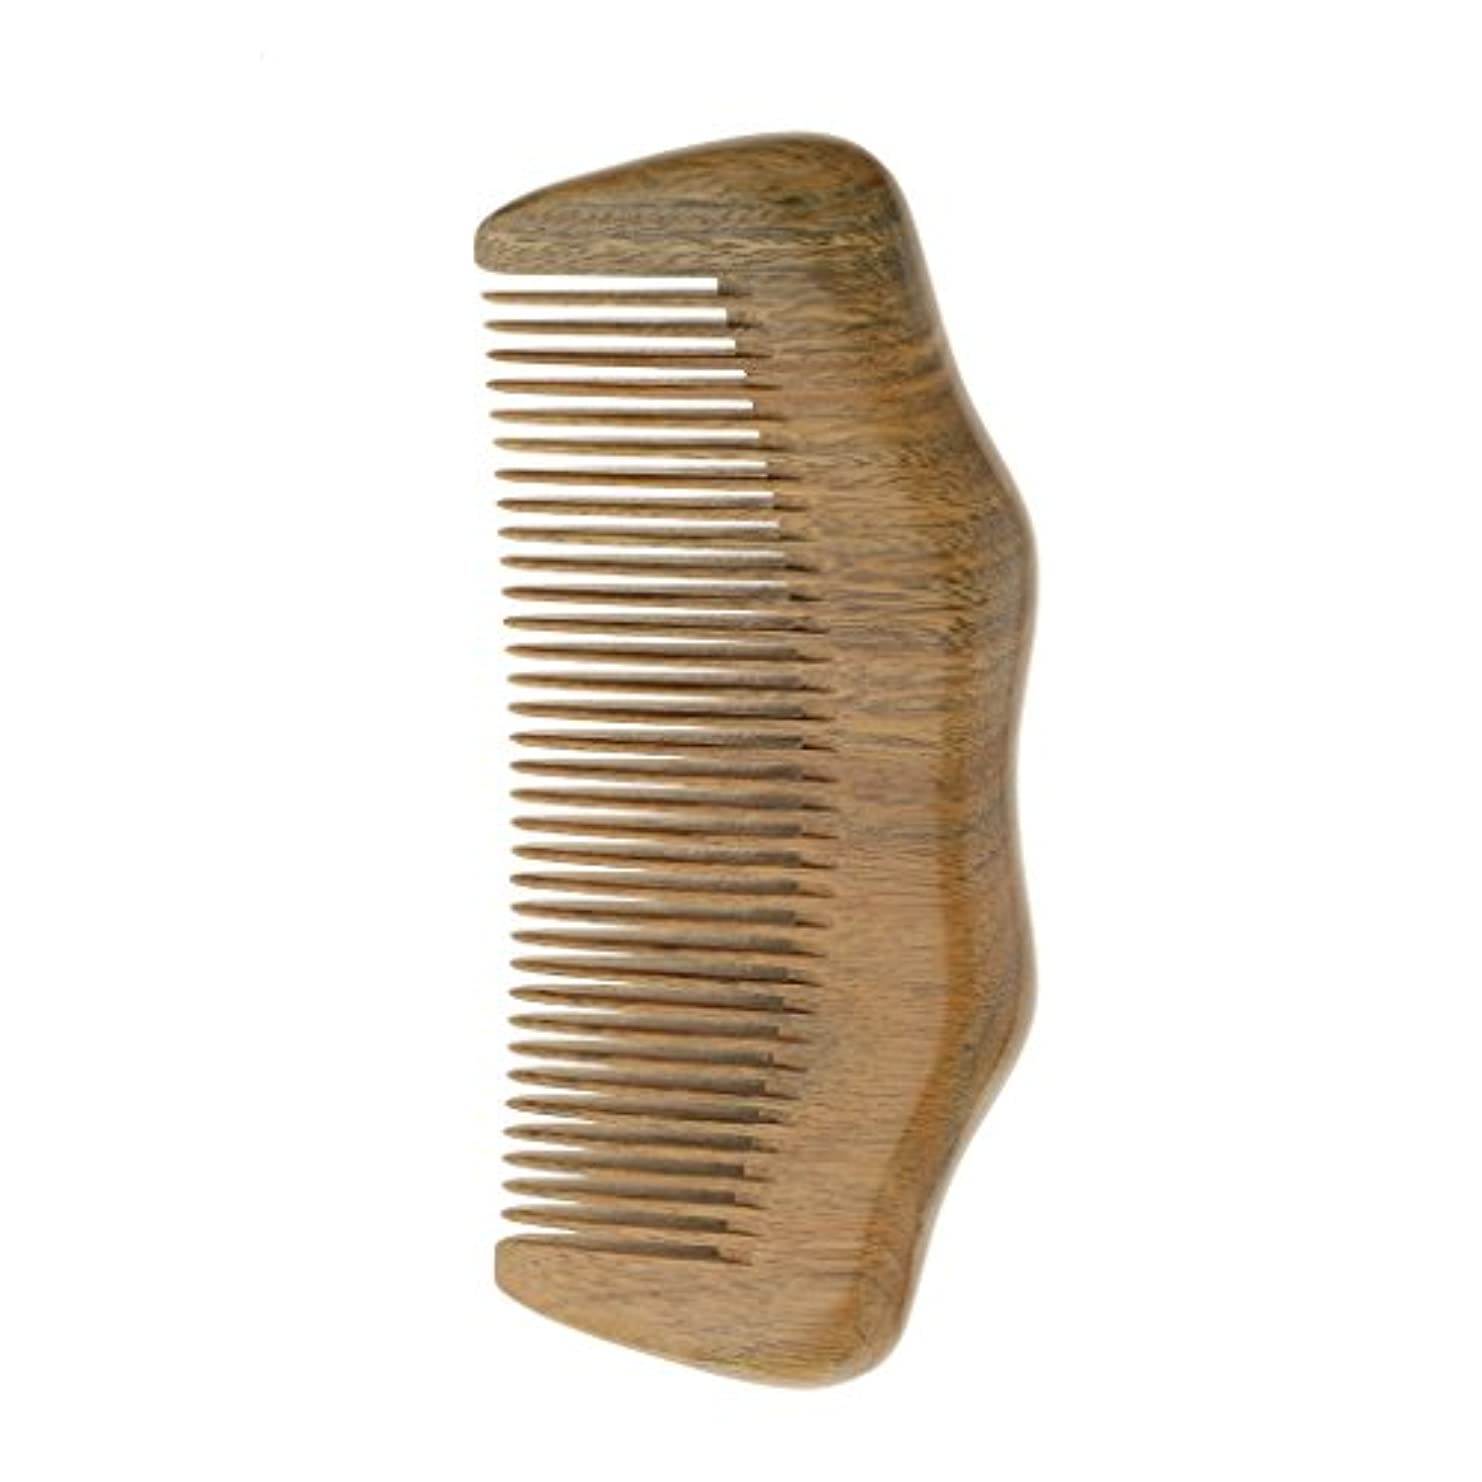 パウダーフロントスタウトナチュラル ビャクダンの櫛 広い歯の帯電防止 ヘッドマッサージ ヘアケアウッド